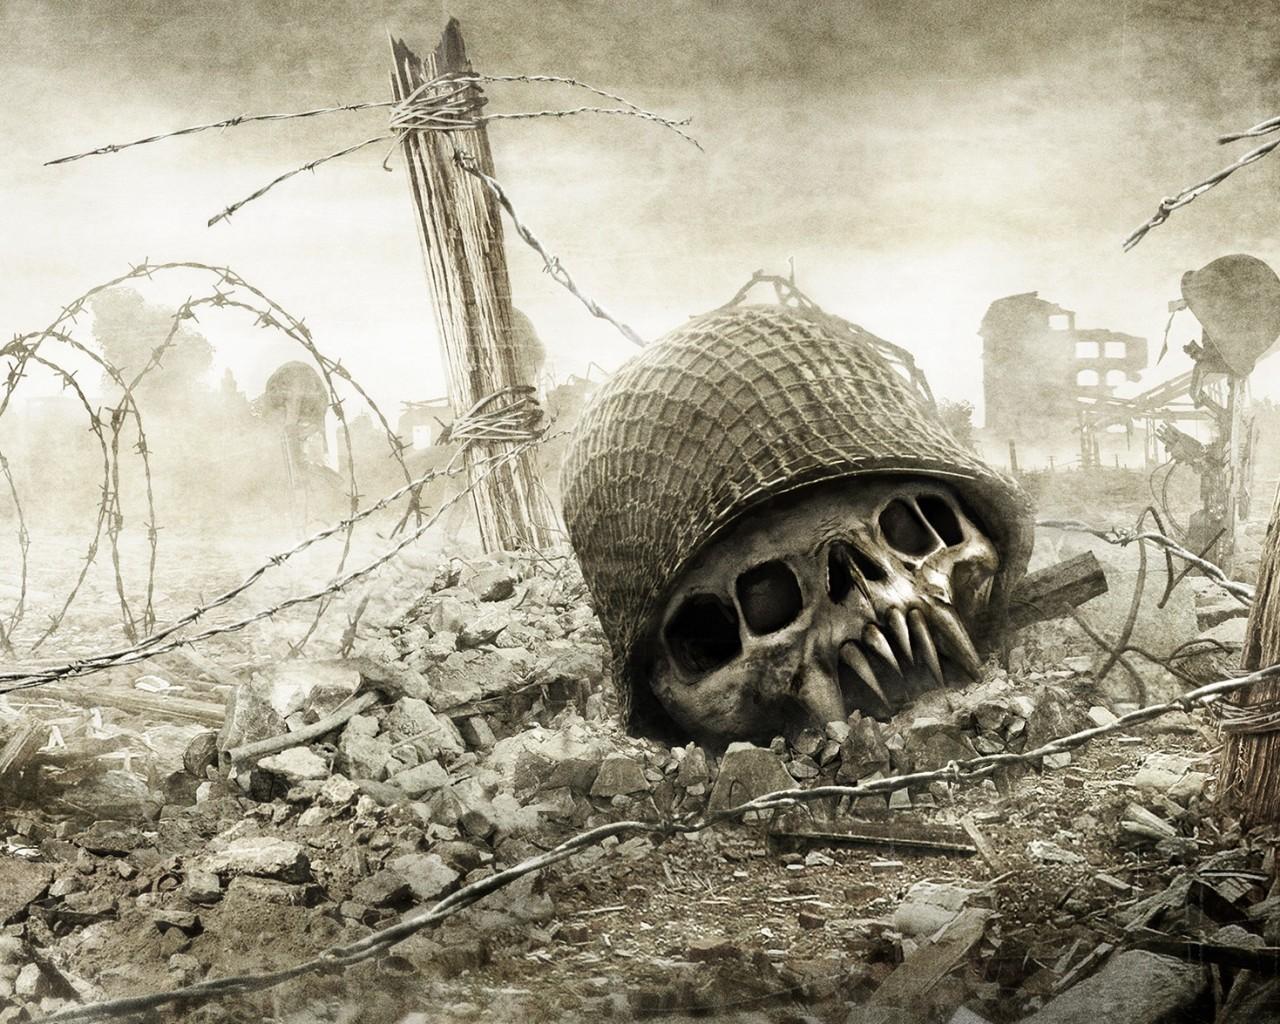 17272 Заставки и Обои Смерть на телефон. Скачать Война, Смерть, Рисунки картинки бесплатно